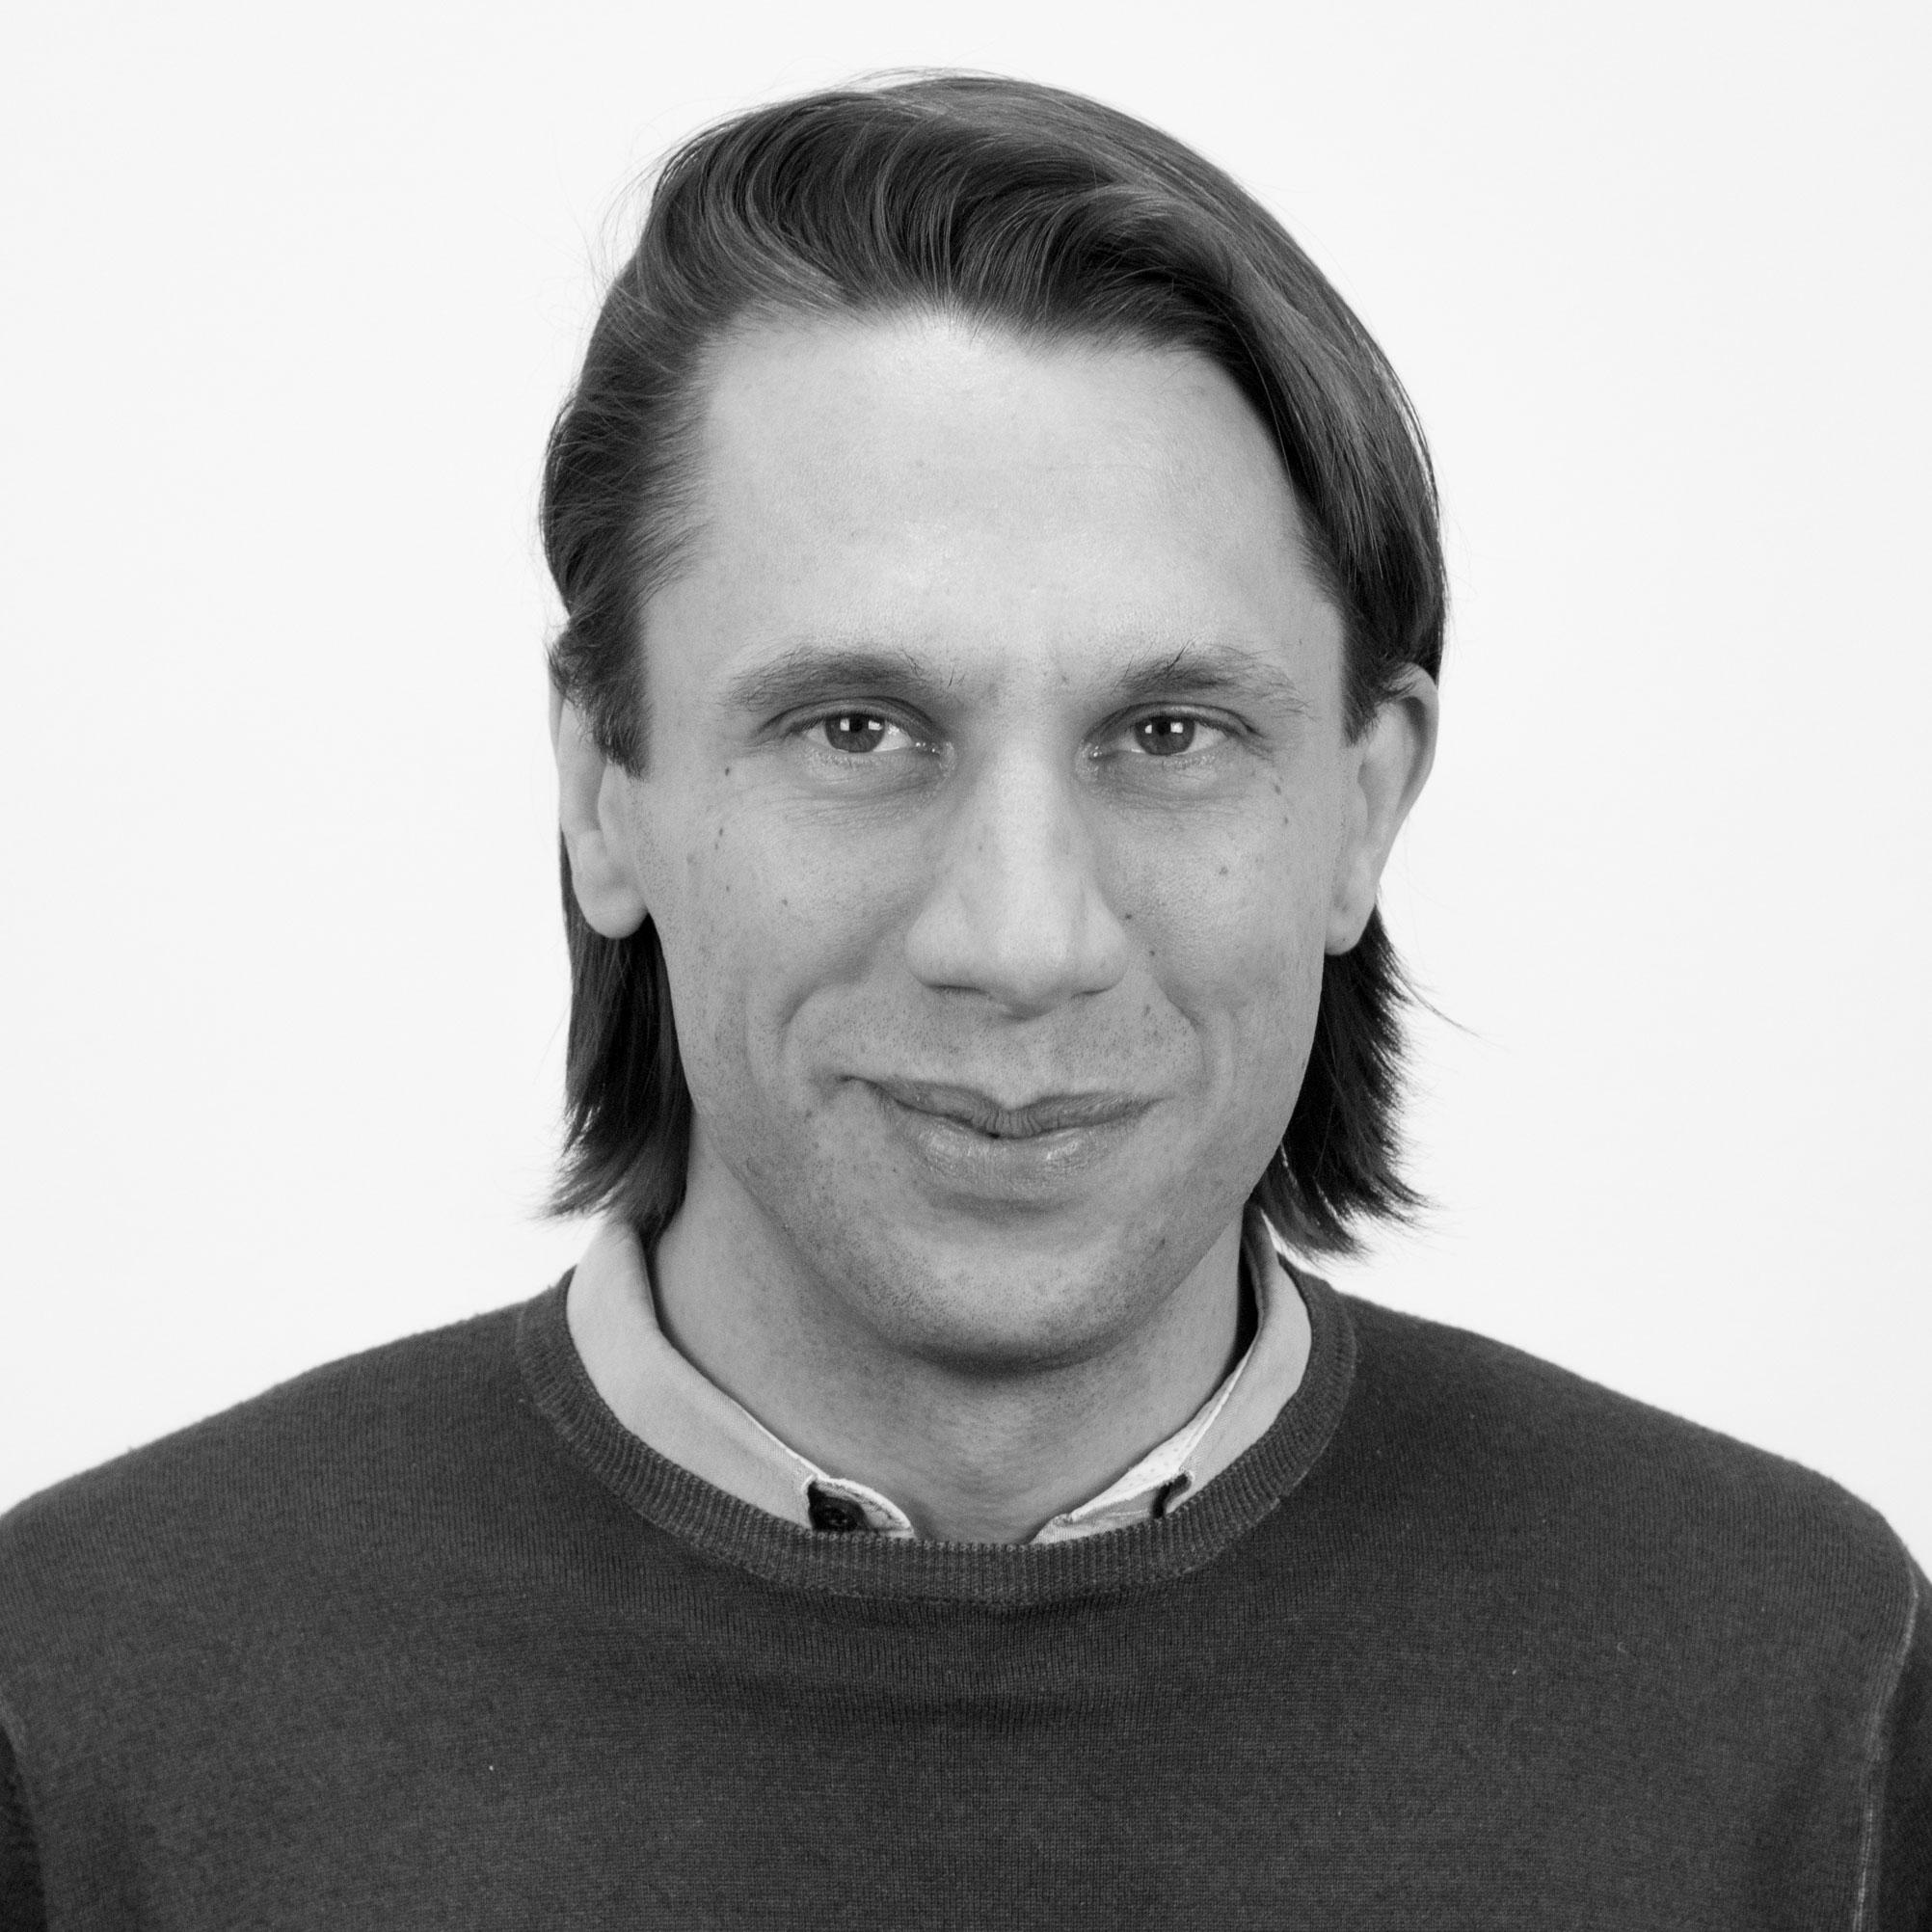 Lorenz Lachauer